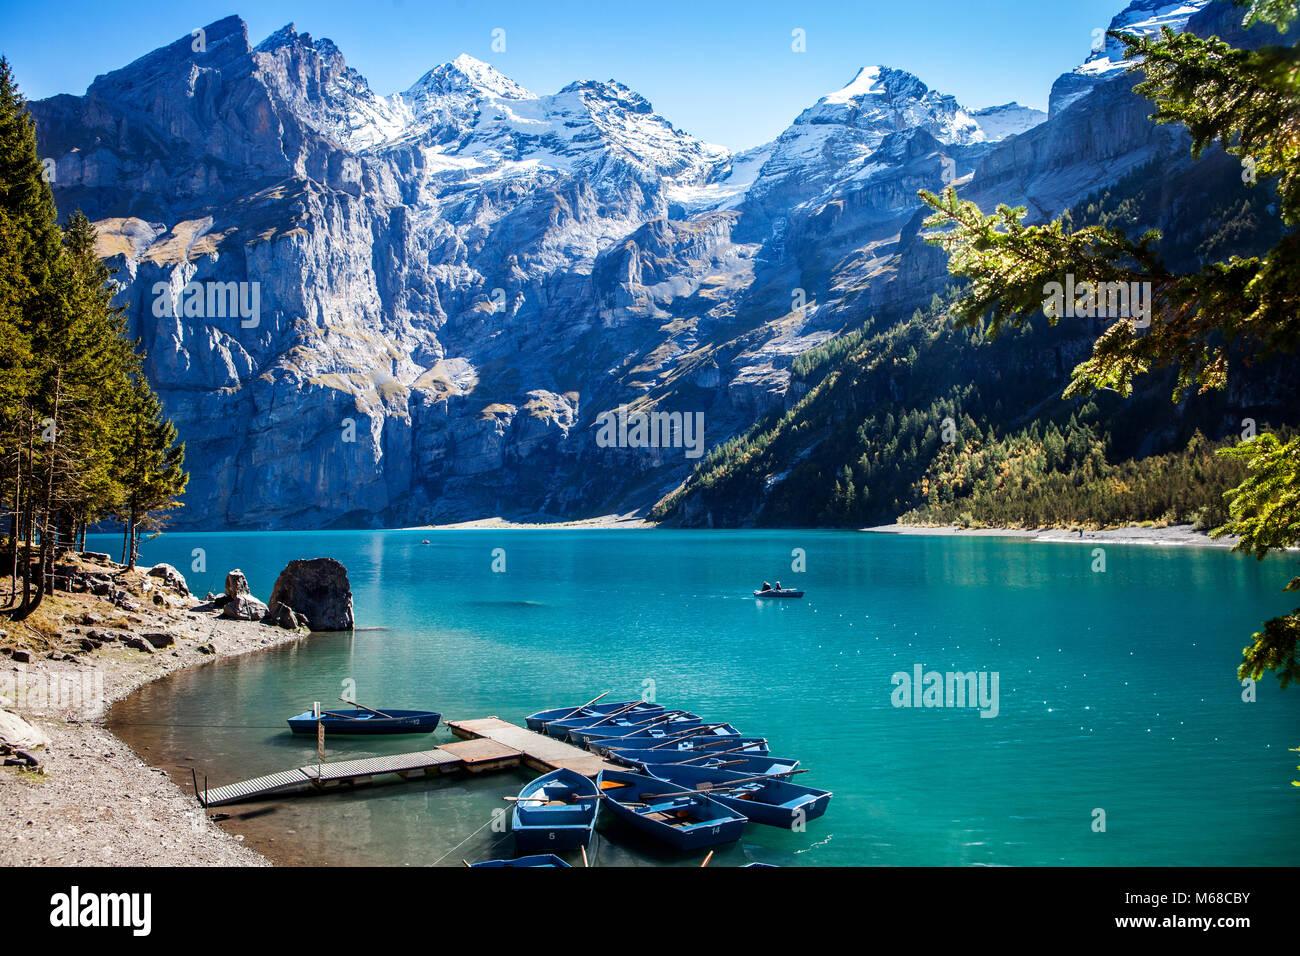 Einen malerischen Blick auf den berühmten Berg See oeschinensee Kandersteg in der Schweiz Ende Sommer in den Stockbild